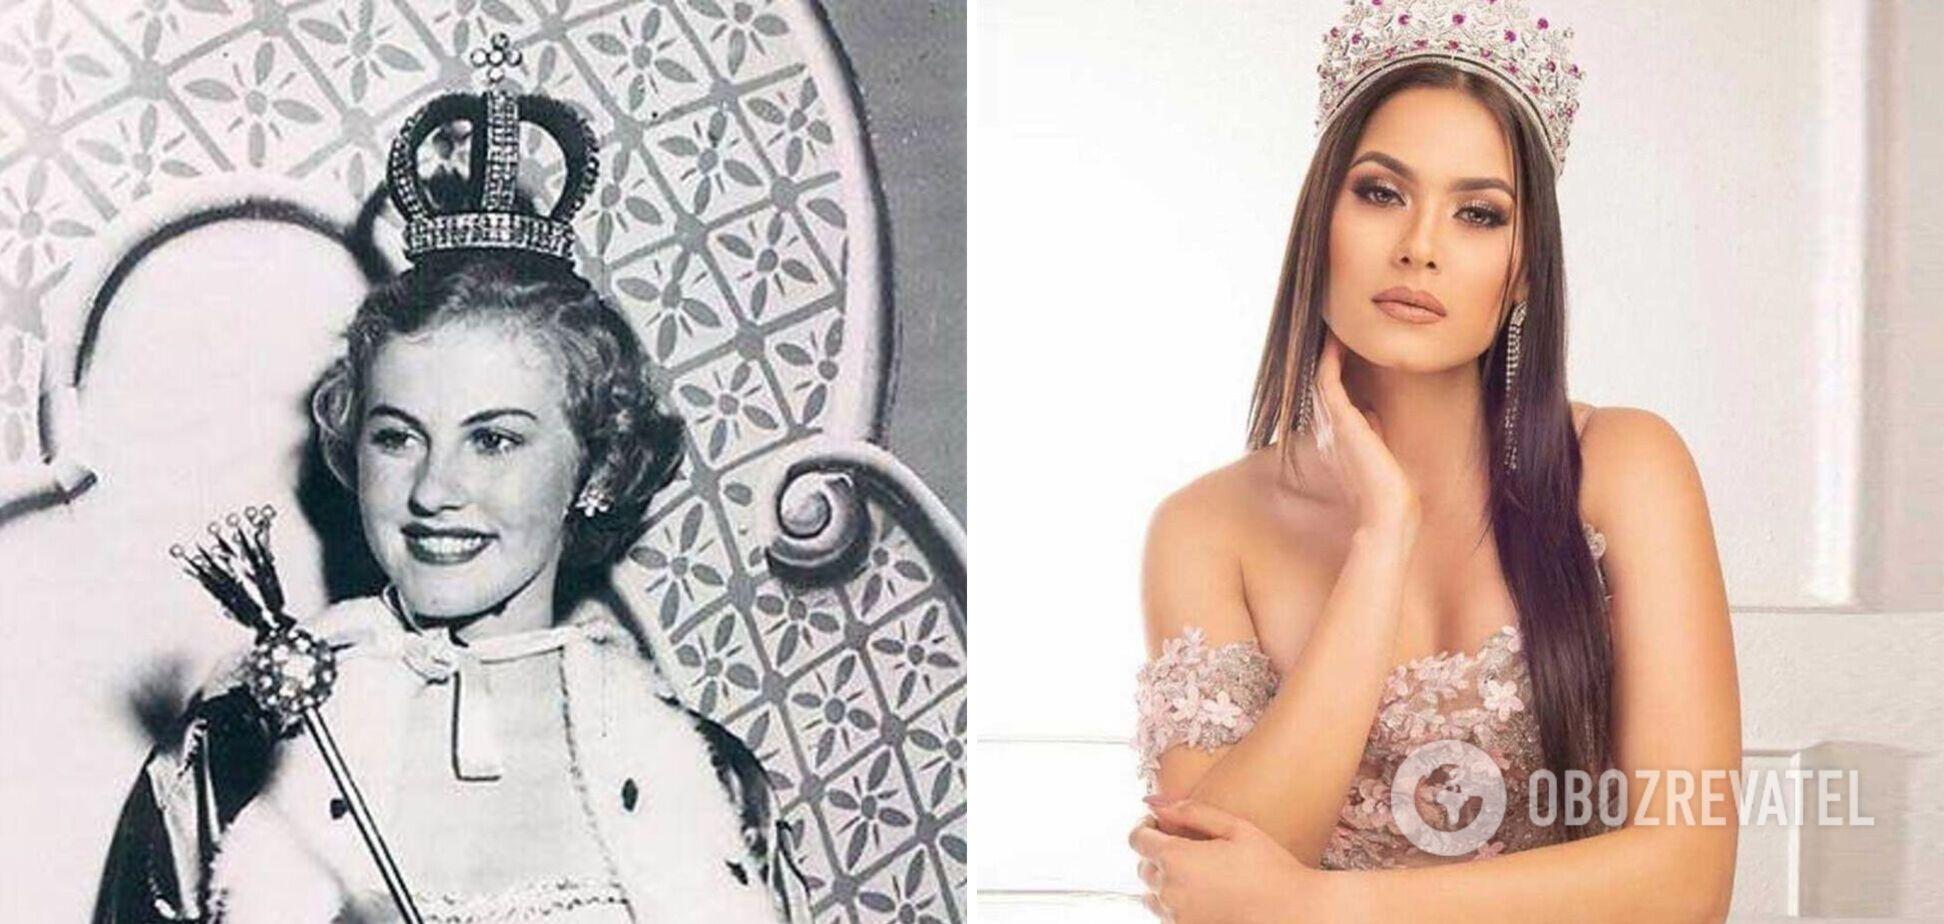 Як змінювалися стандарти краси на конкурсі 'Міс Всесвіт'